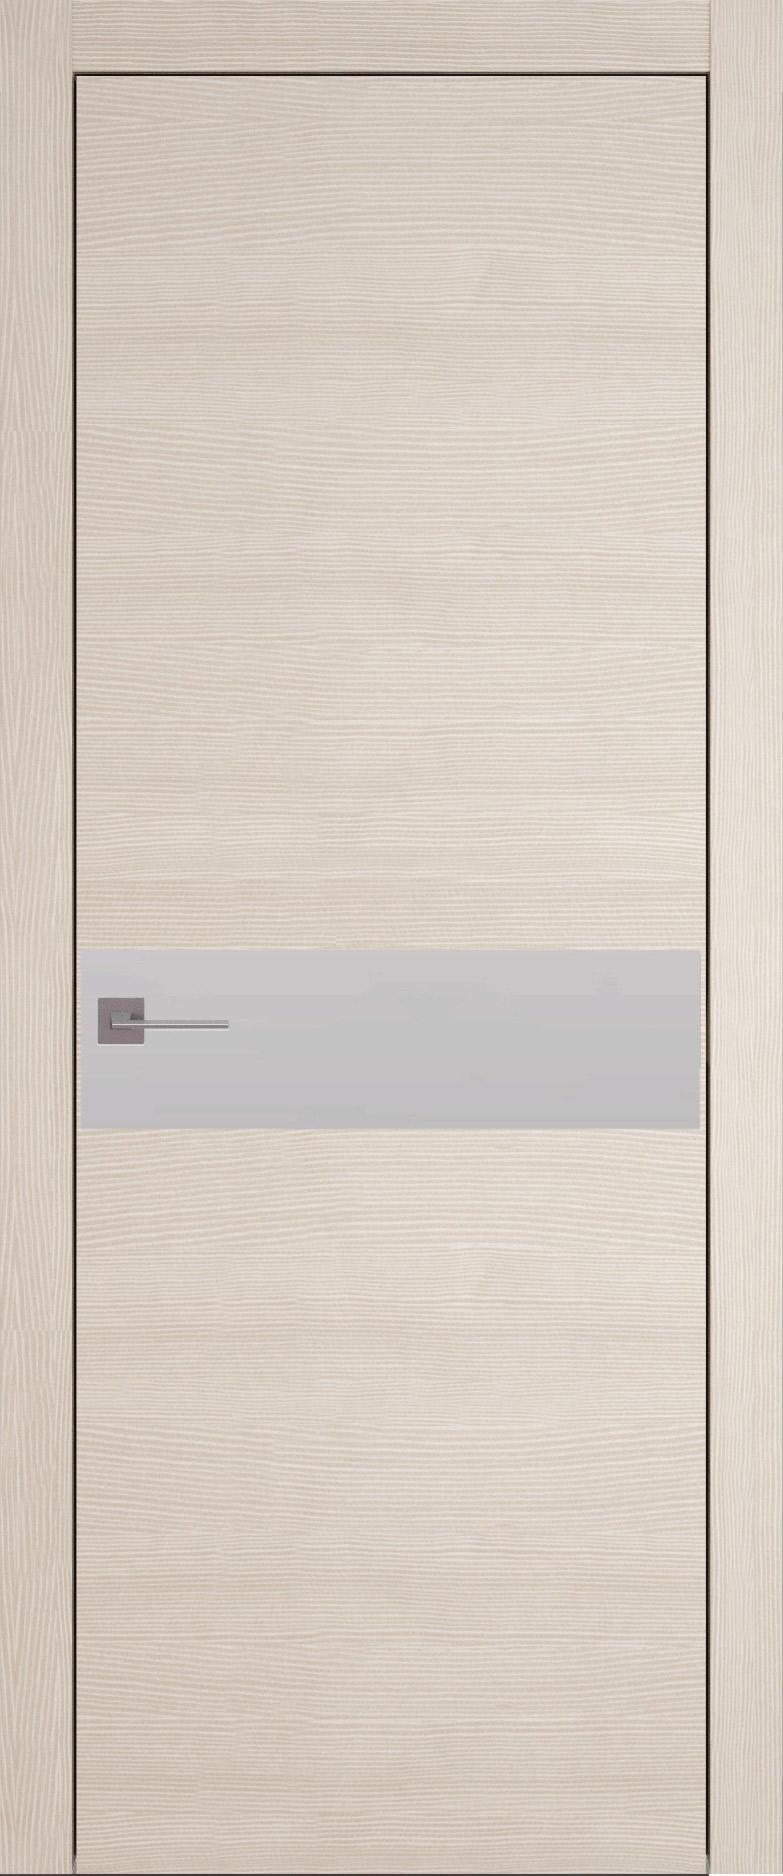 Tivoli И-4 цвет - Беленый дуб Без стекла (ДГ)